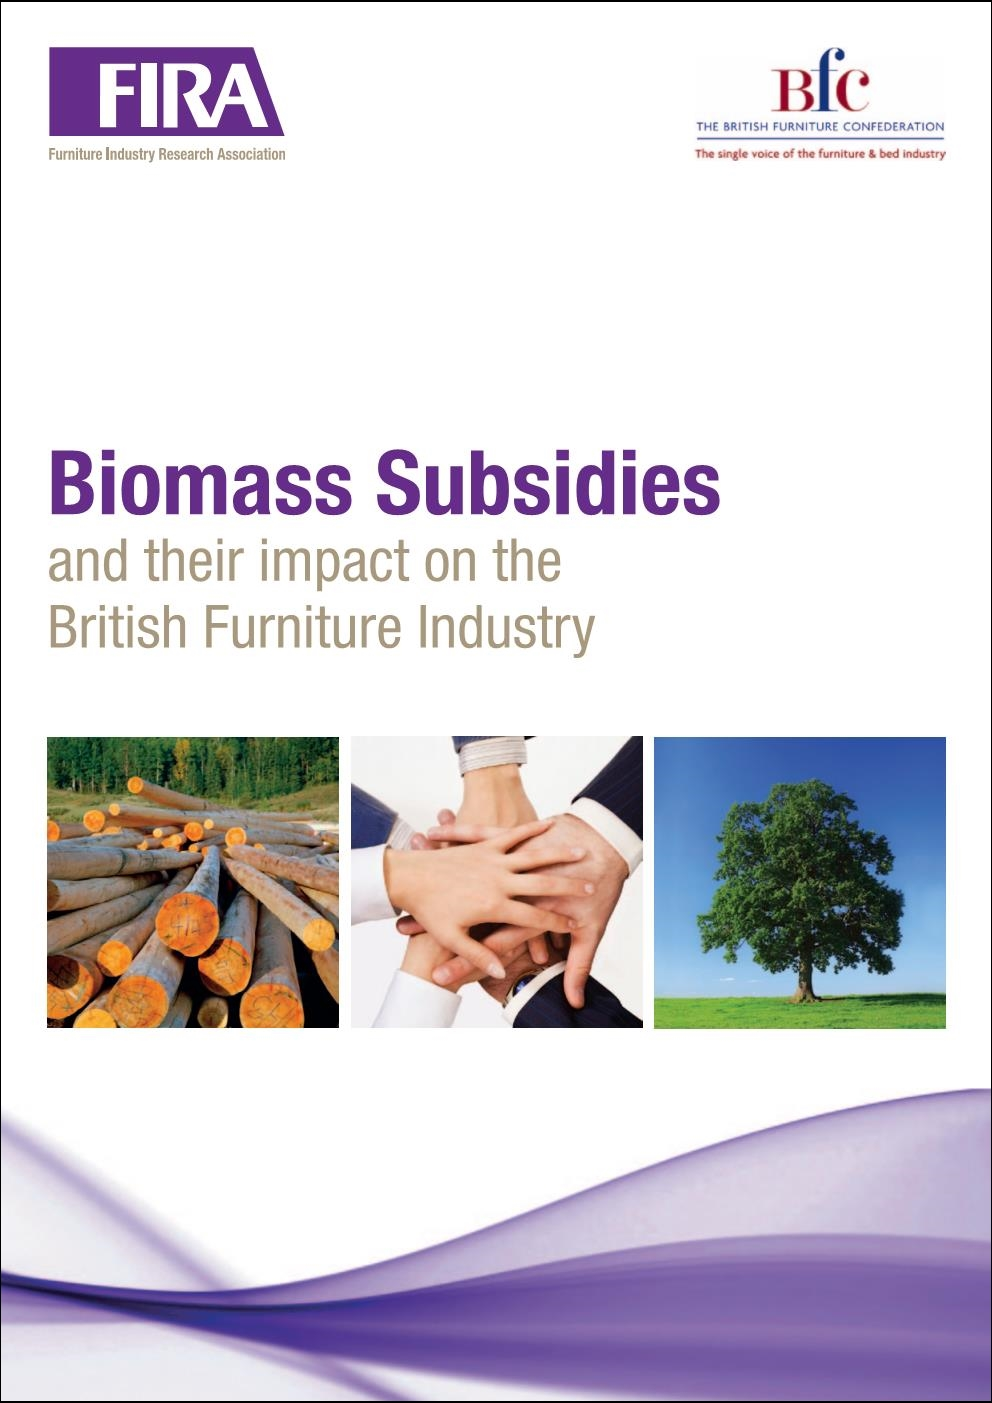 Cover-Biomass-Report-2011.jpg#asset:1191:url